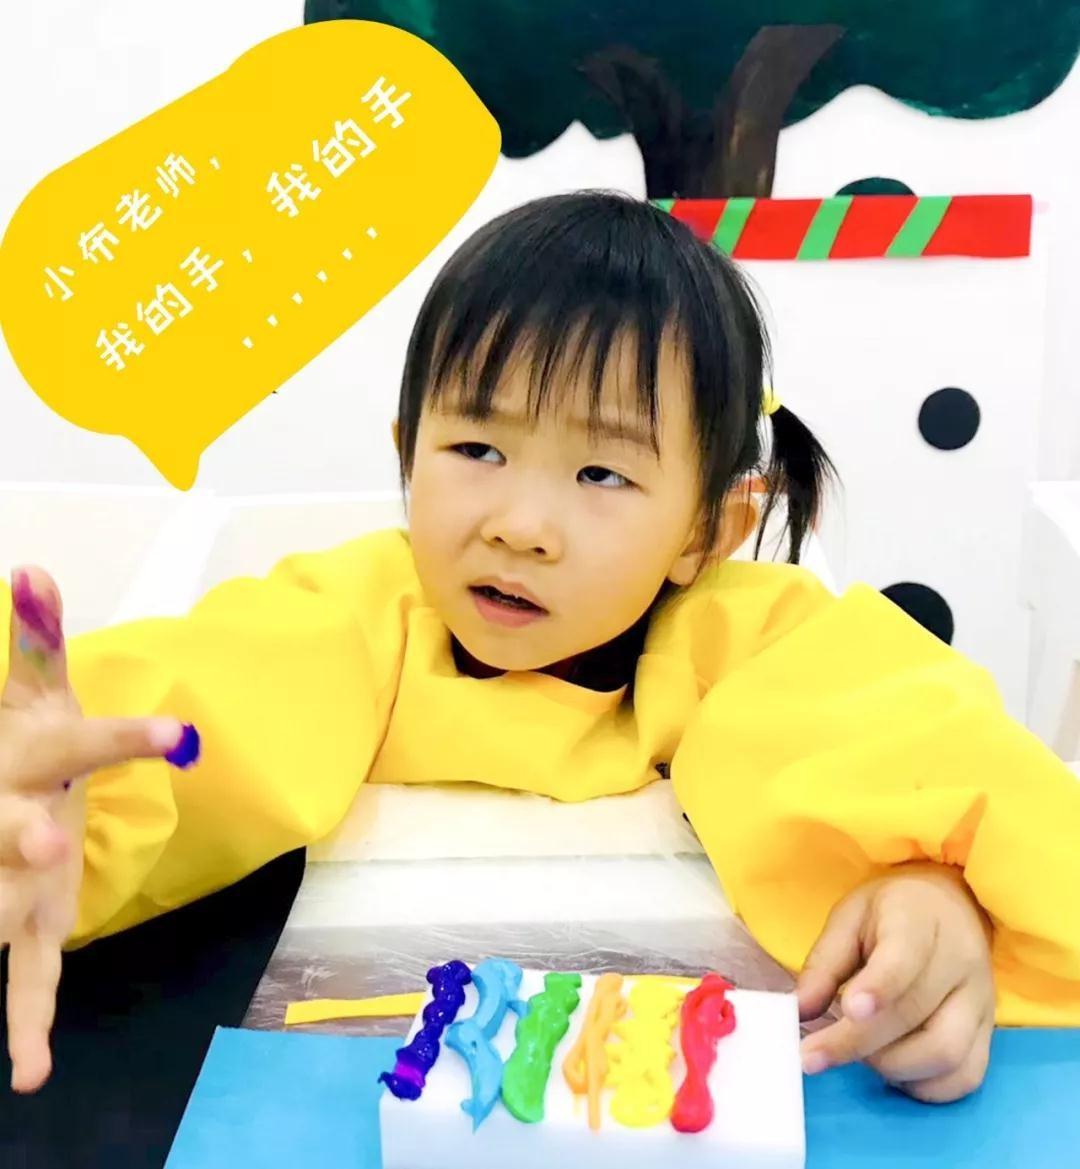 儿童美术教育能送子女带来什么好处?